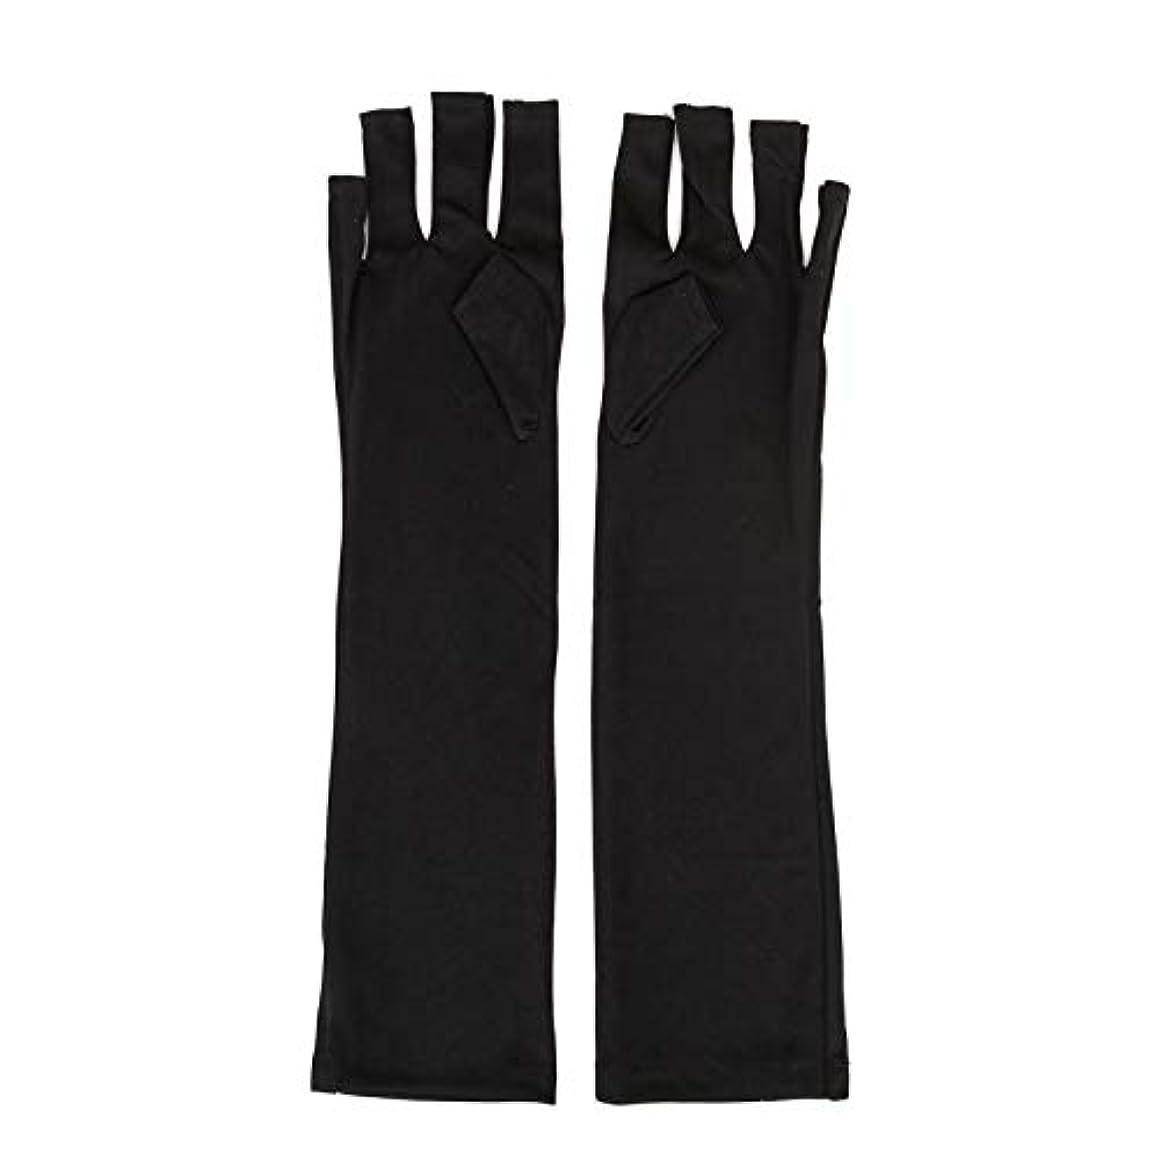 着飾る断線スープ1ペアネイルアートUV保護手袋UVランプ放射線防護手袋ネイルアートドライヤーツールマニキュアツールネイルアートツールオープントゥブラック